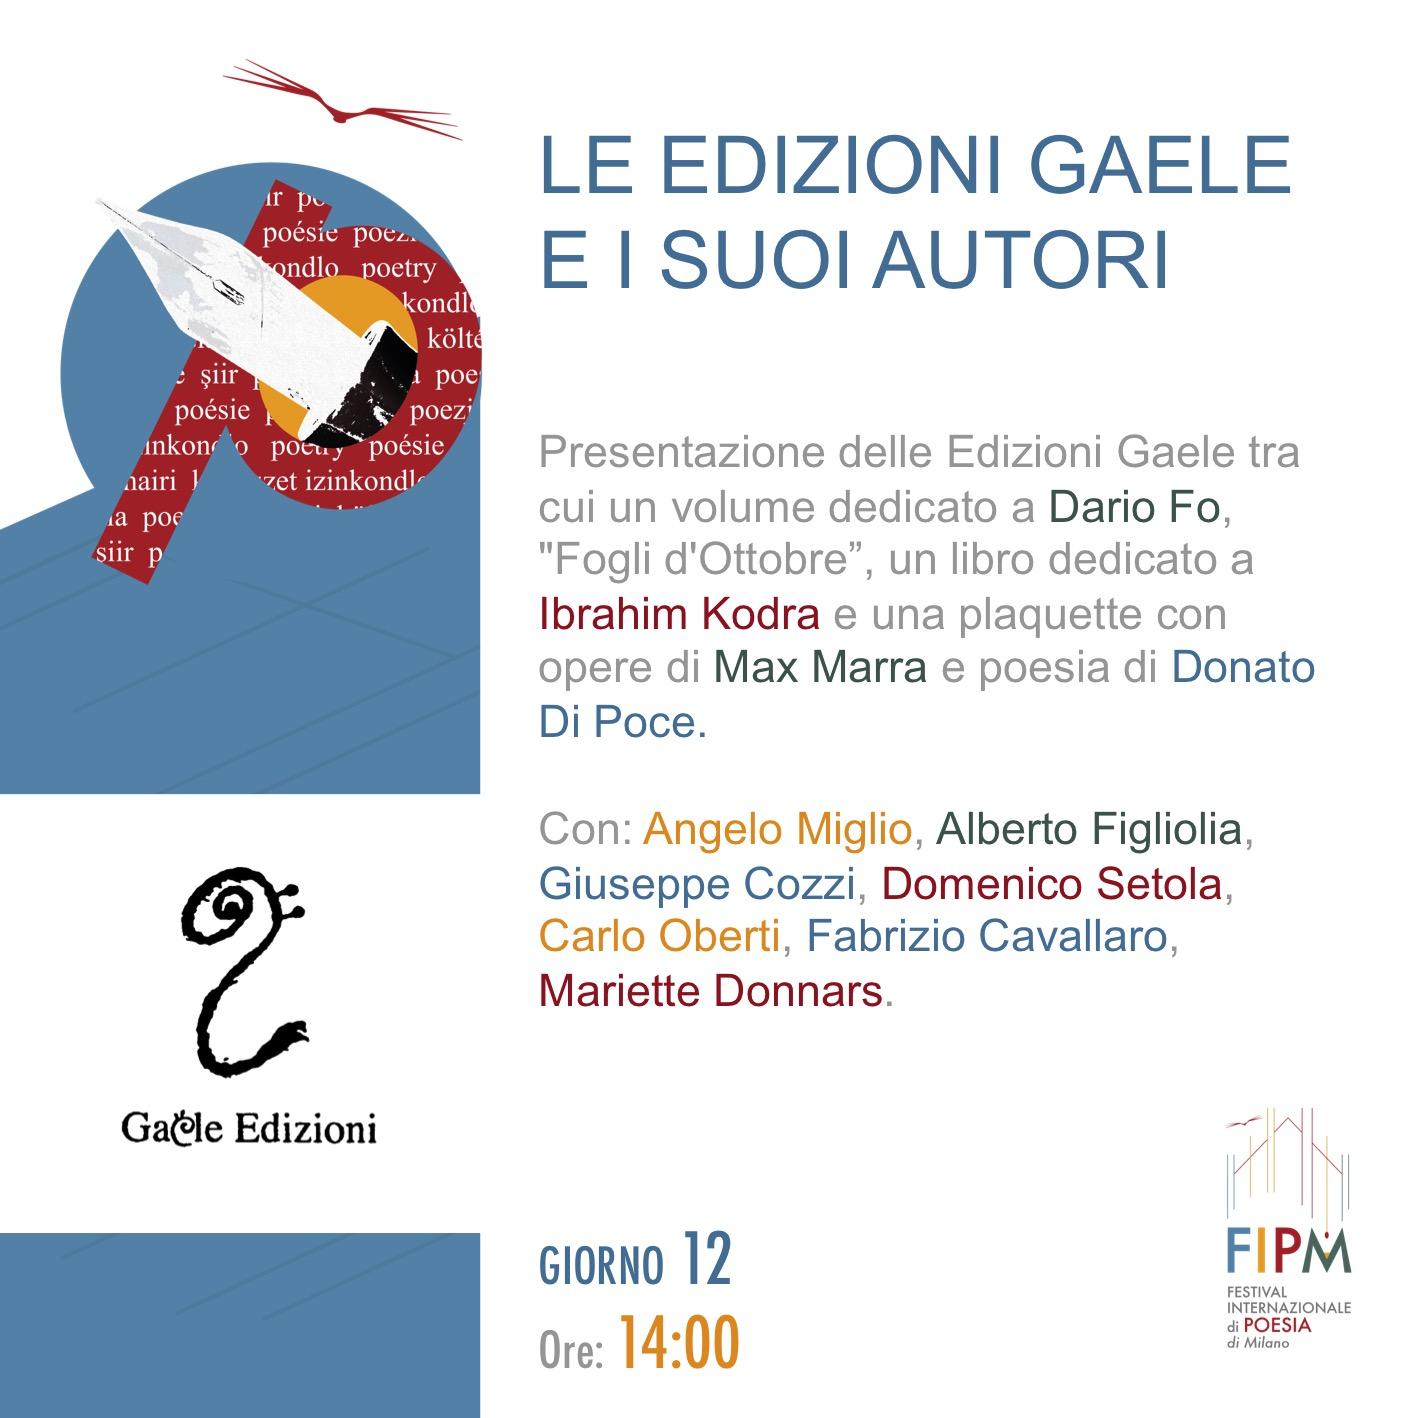 Edizioni Gaele